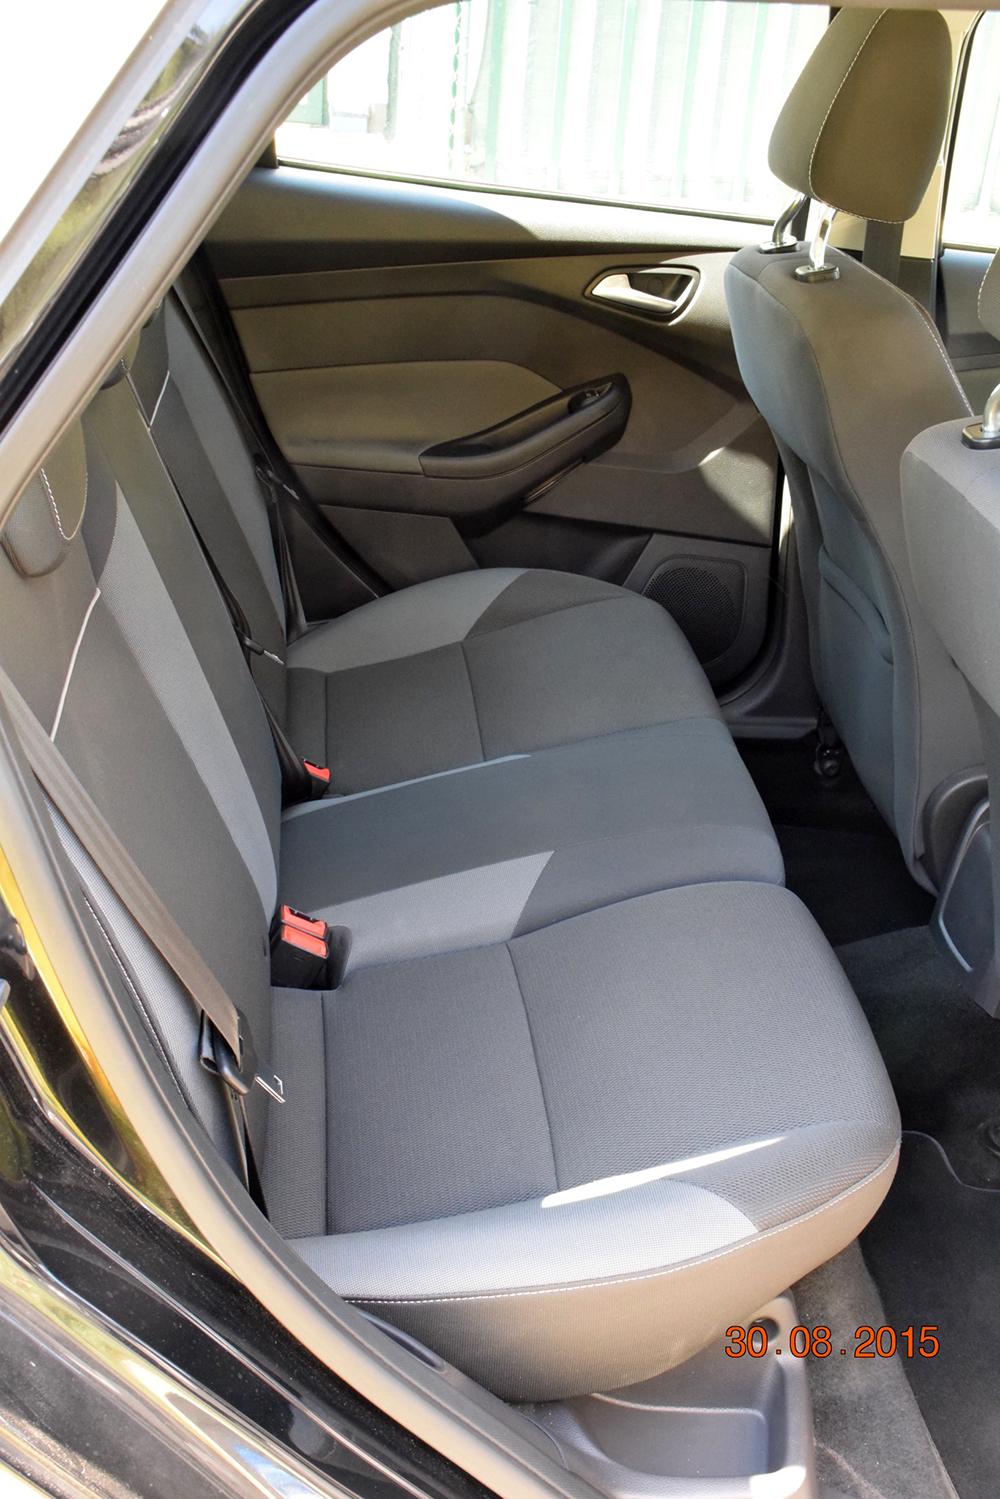 gebrauchtwagenmarkt ford focus traveller 1 6ti vct. Black Bedroom Furniture Sets. Home Design Ideas